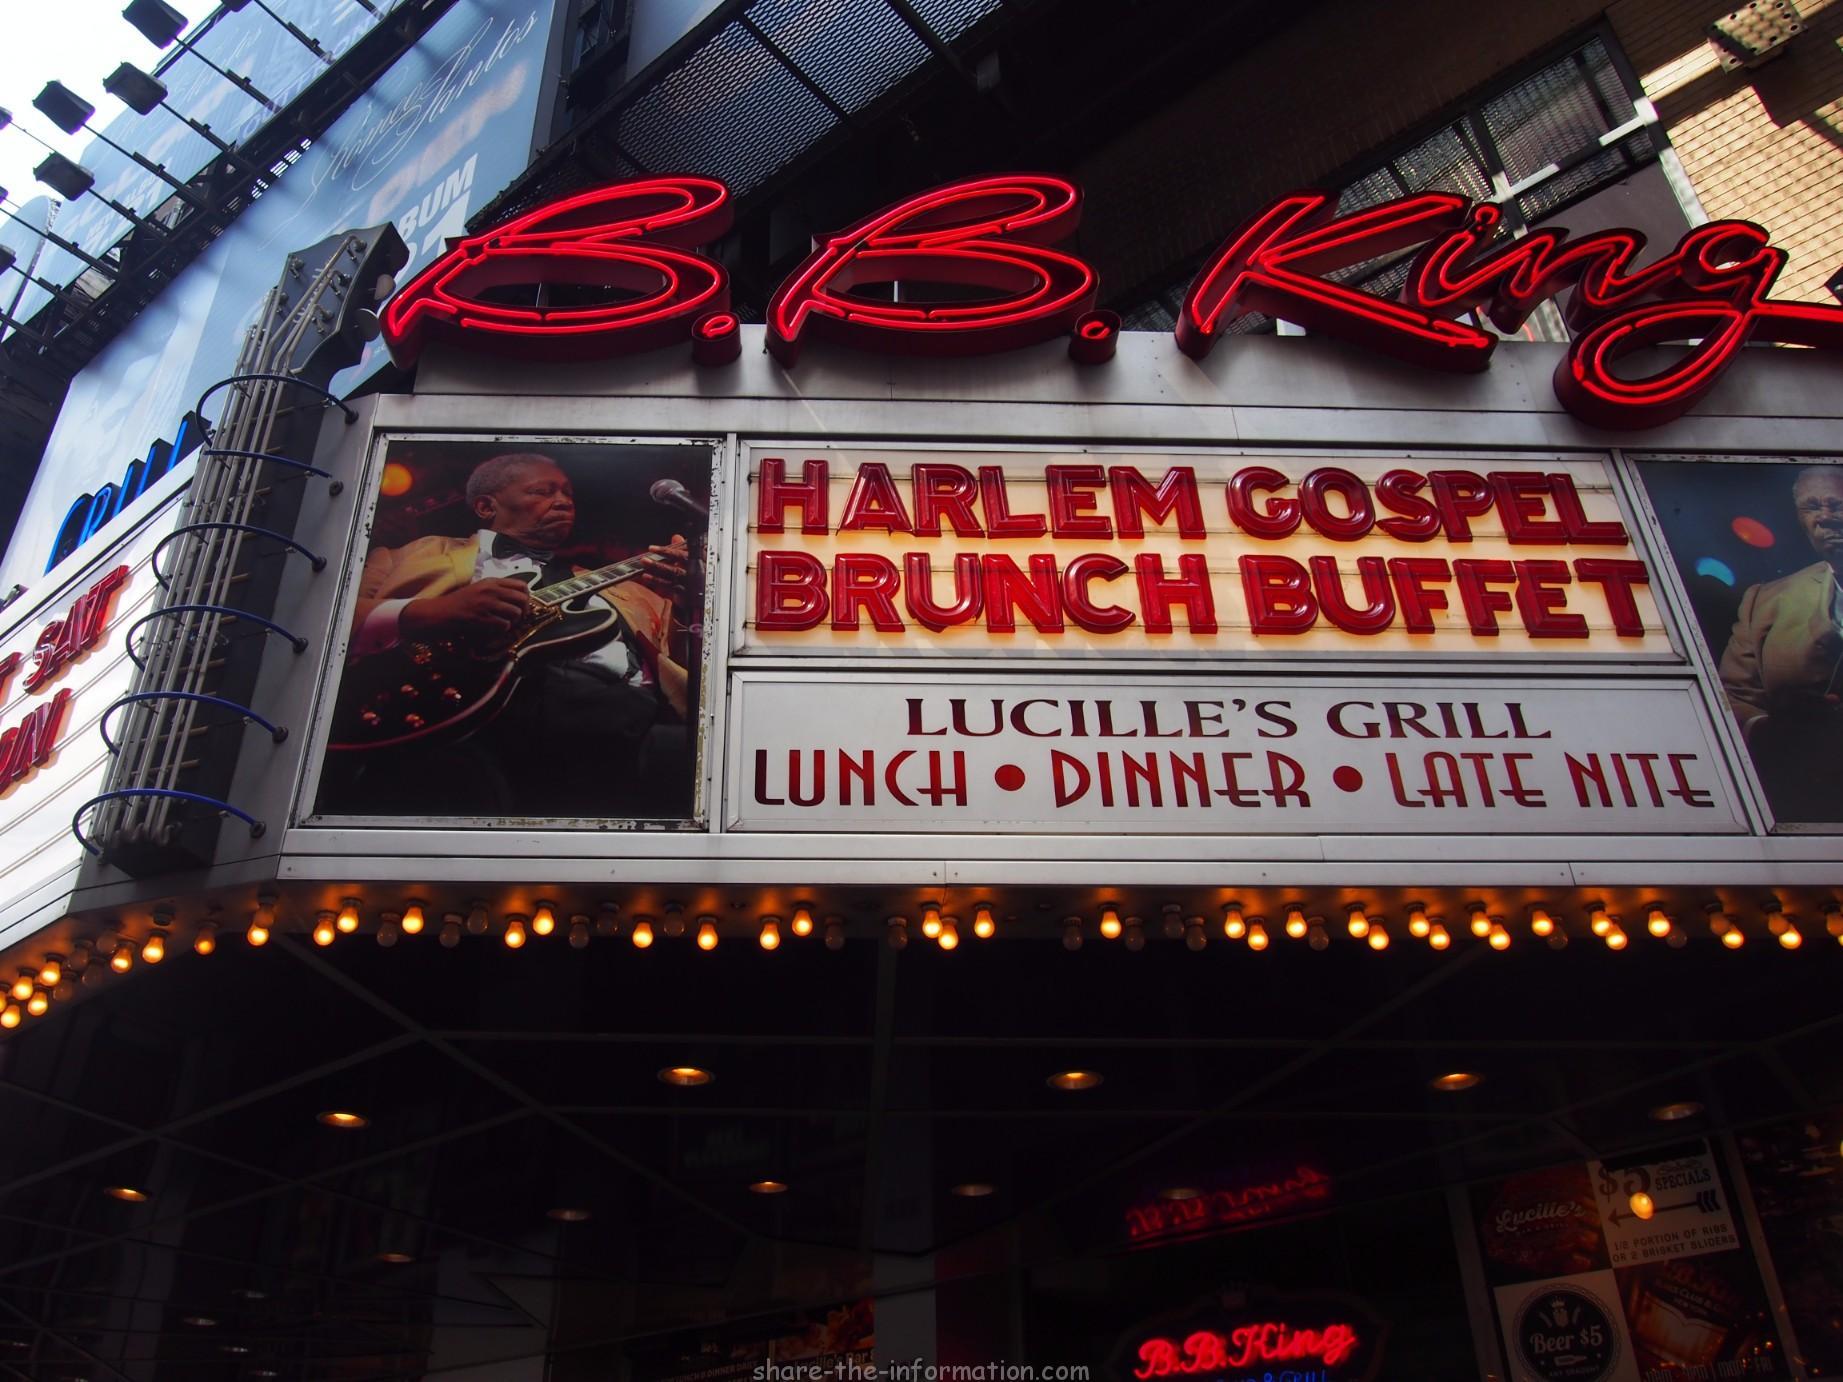 タイムズスクエアで本格ゴスペルを聞きながらブランチを食べよう!